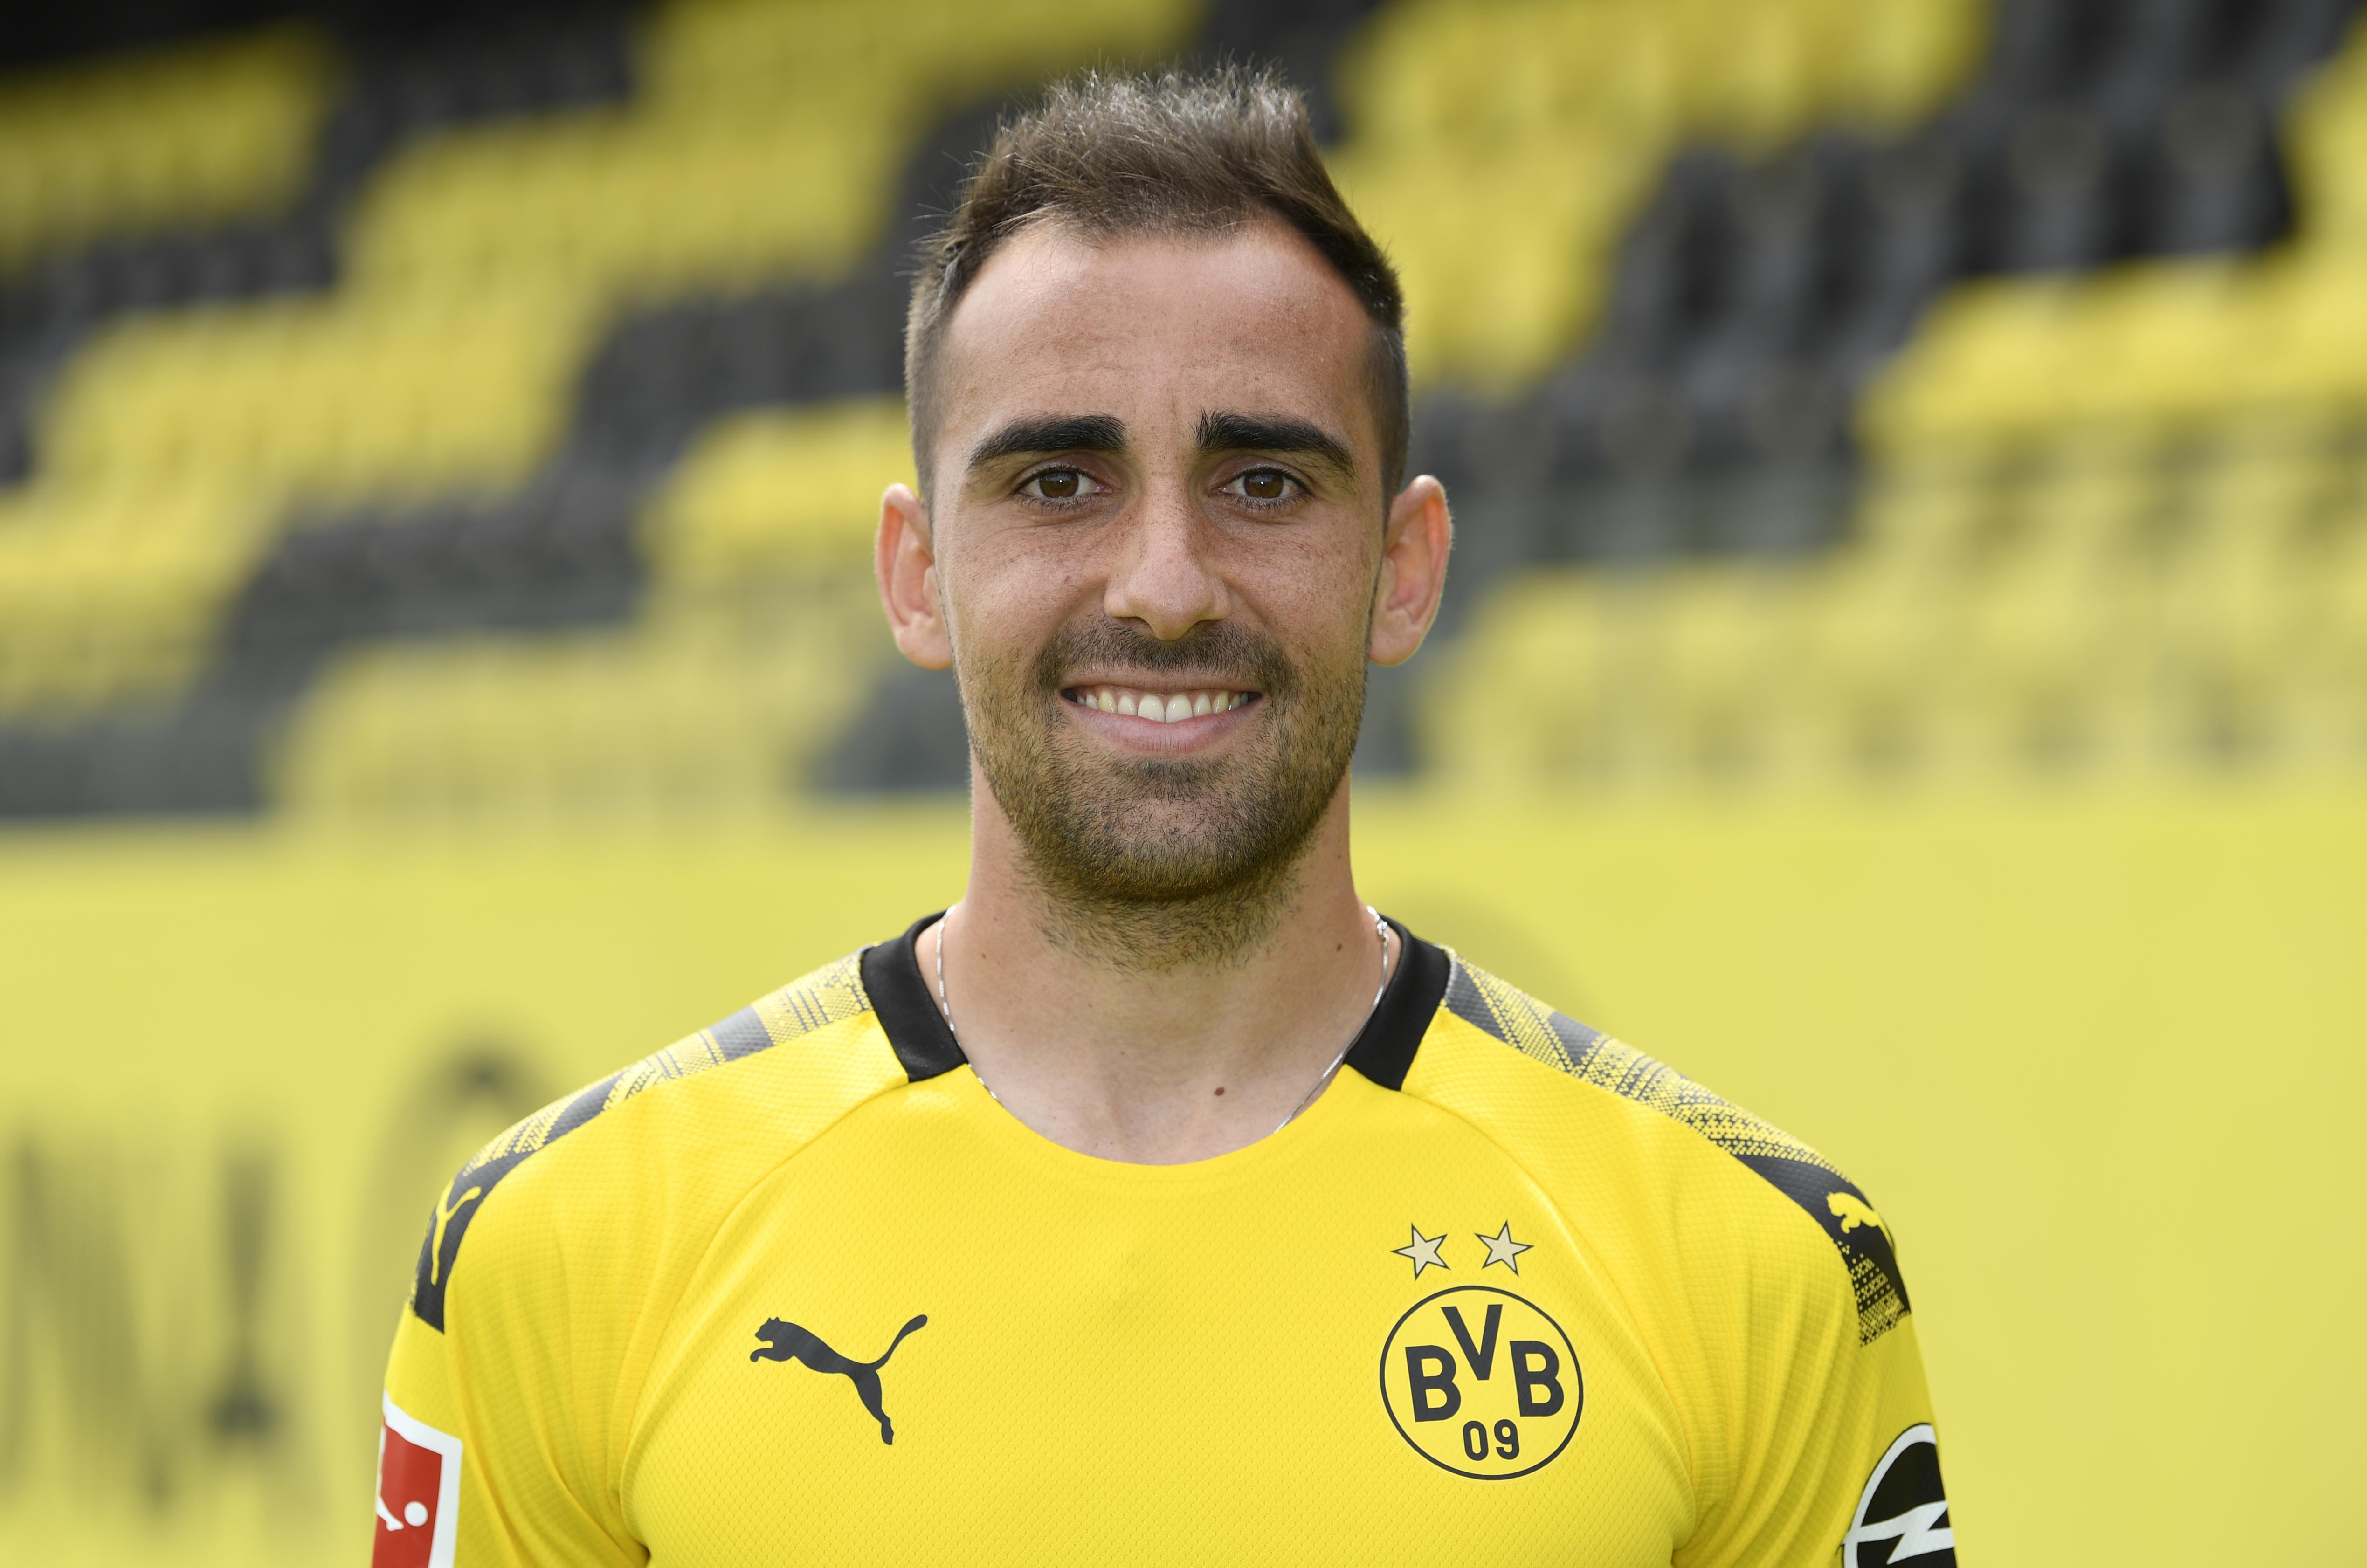 Borussia Dortmund-Augsburg: è derby tra Favre e Schmidt